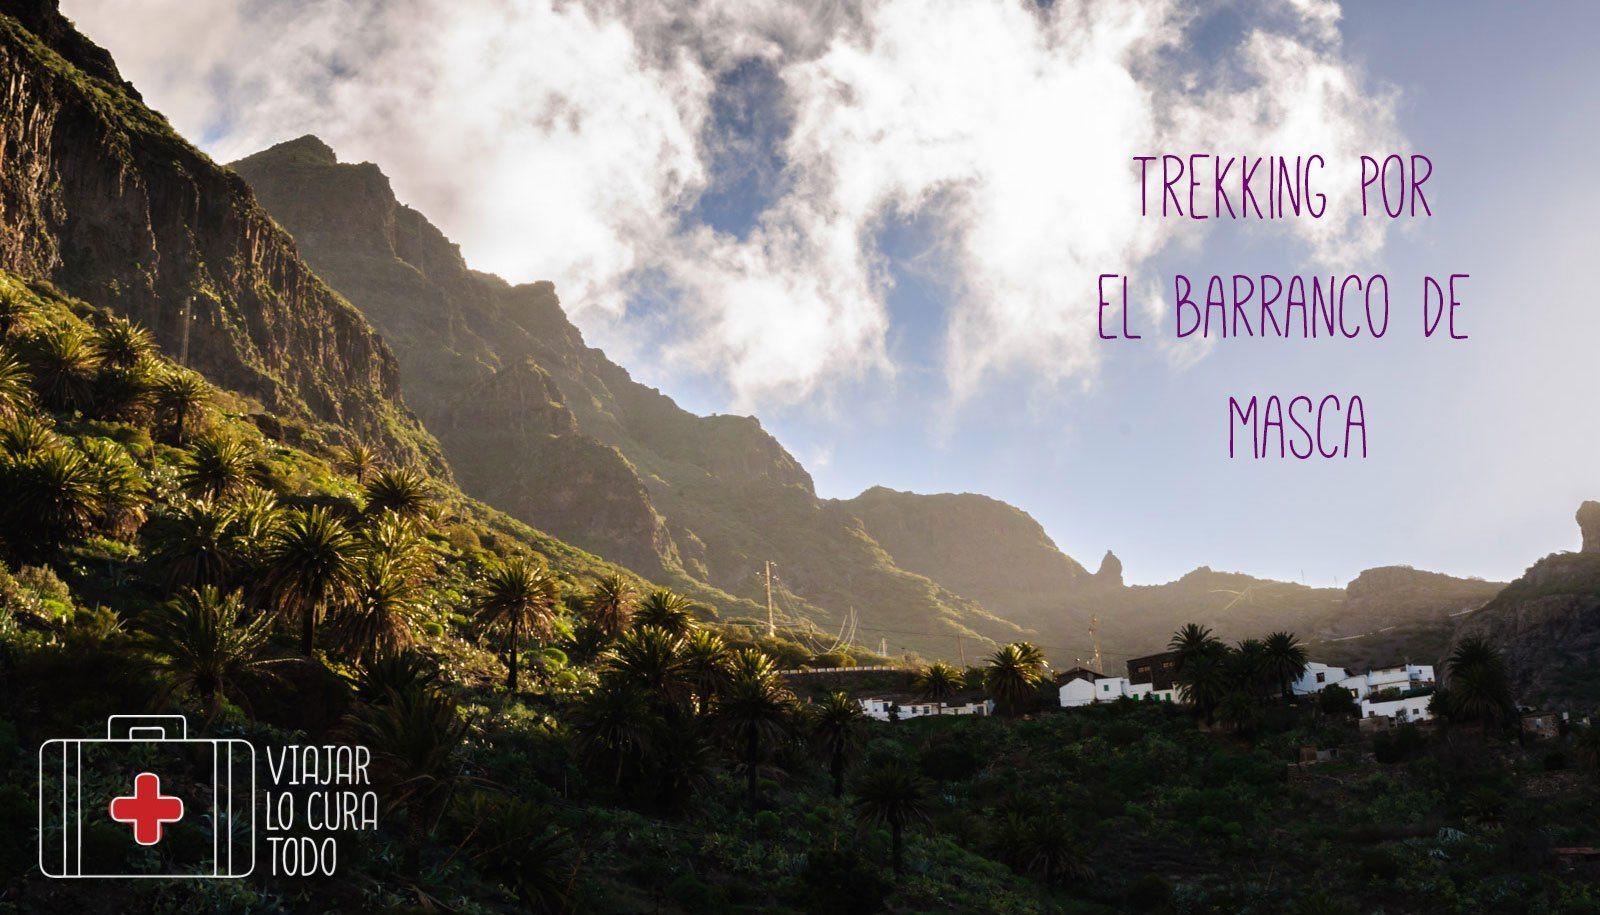 Trekking por el barranco de Masca